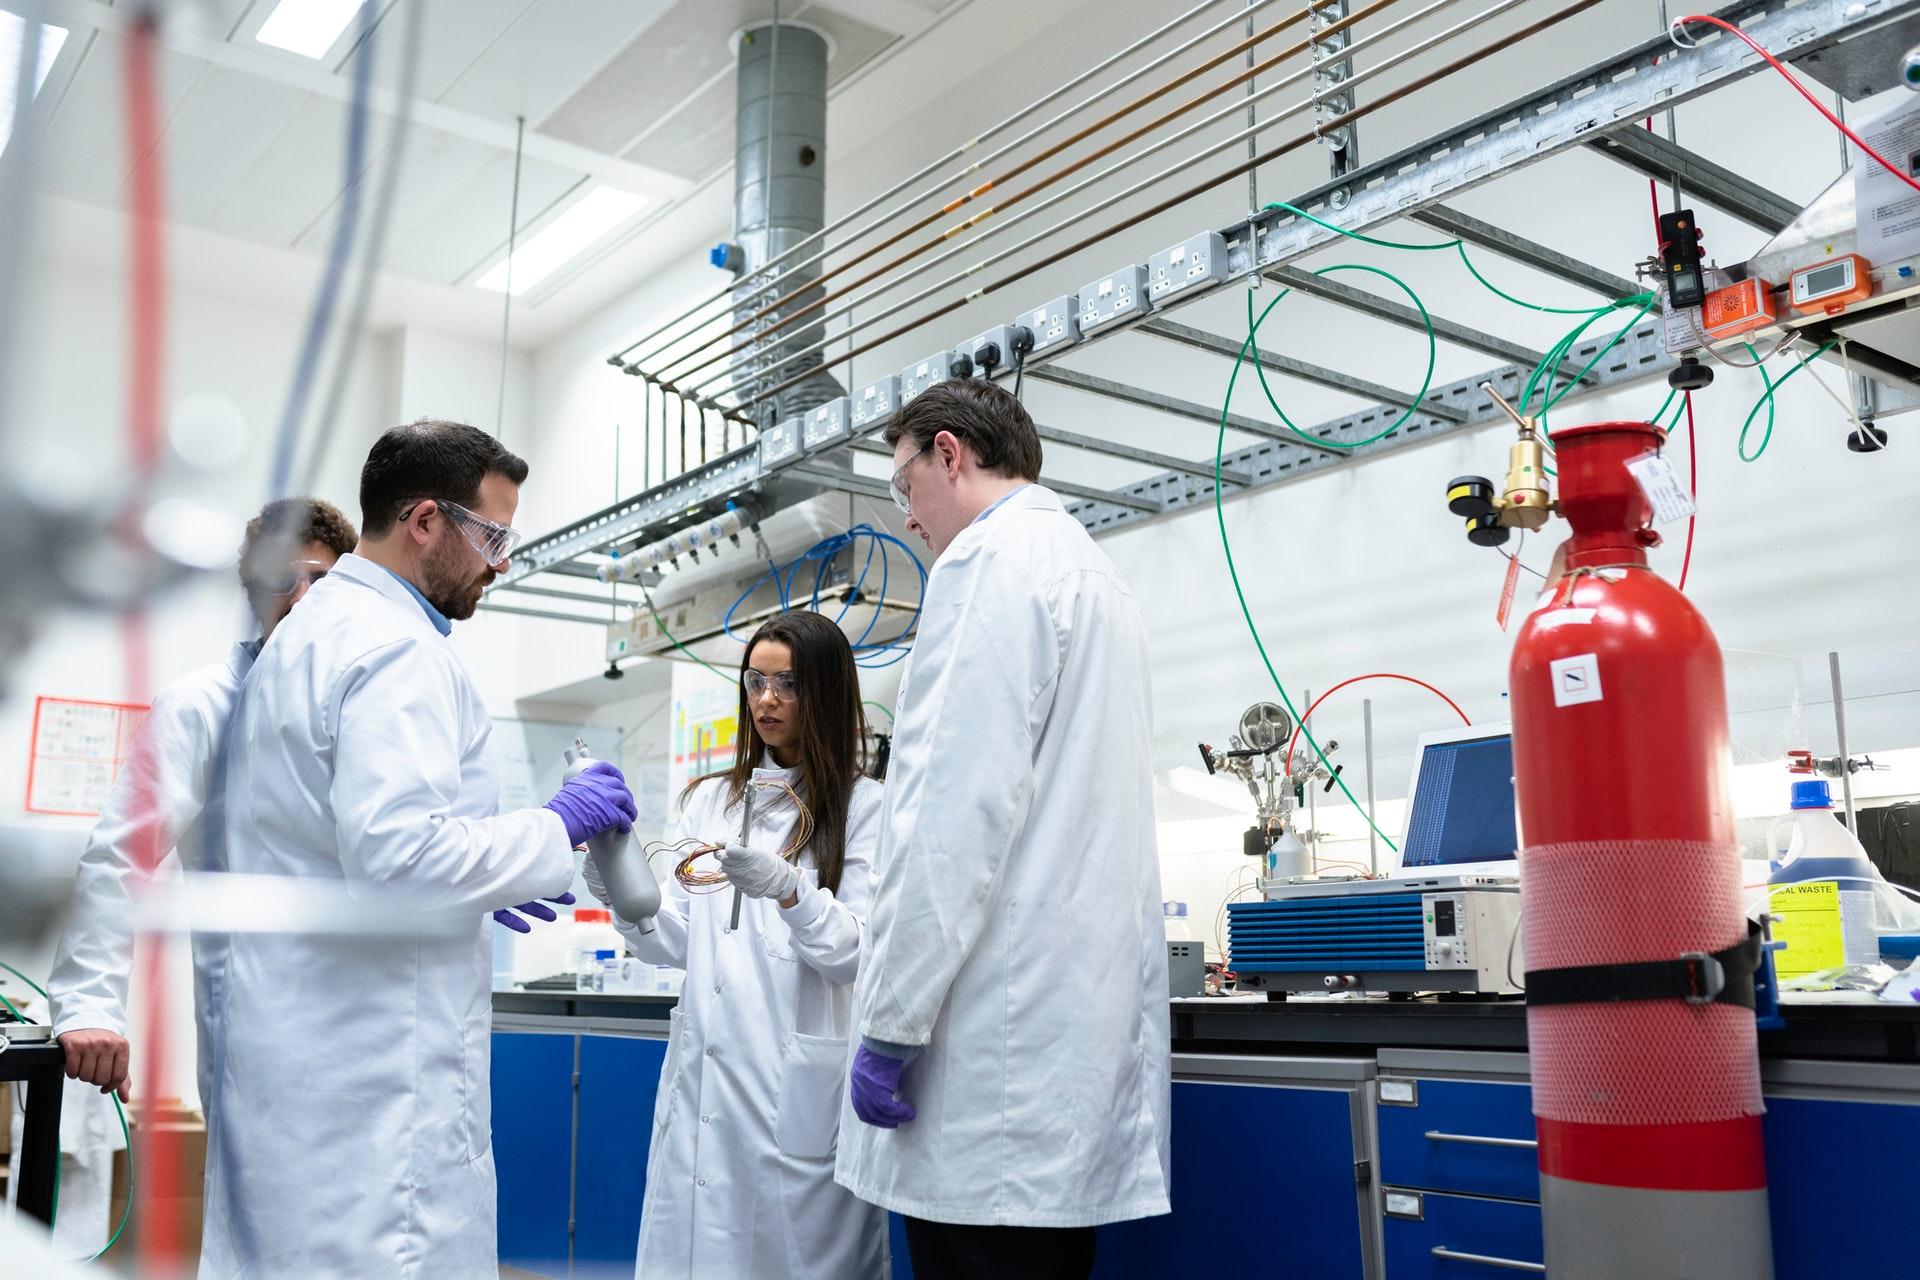 Eine Frau und drei Männer mit weißen Kitteln im Labor neben einer roten Gasflasche.